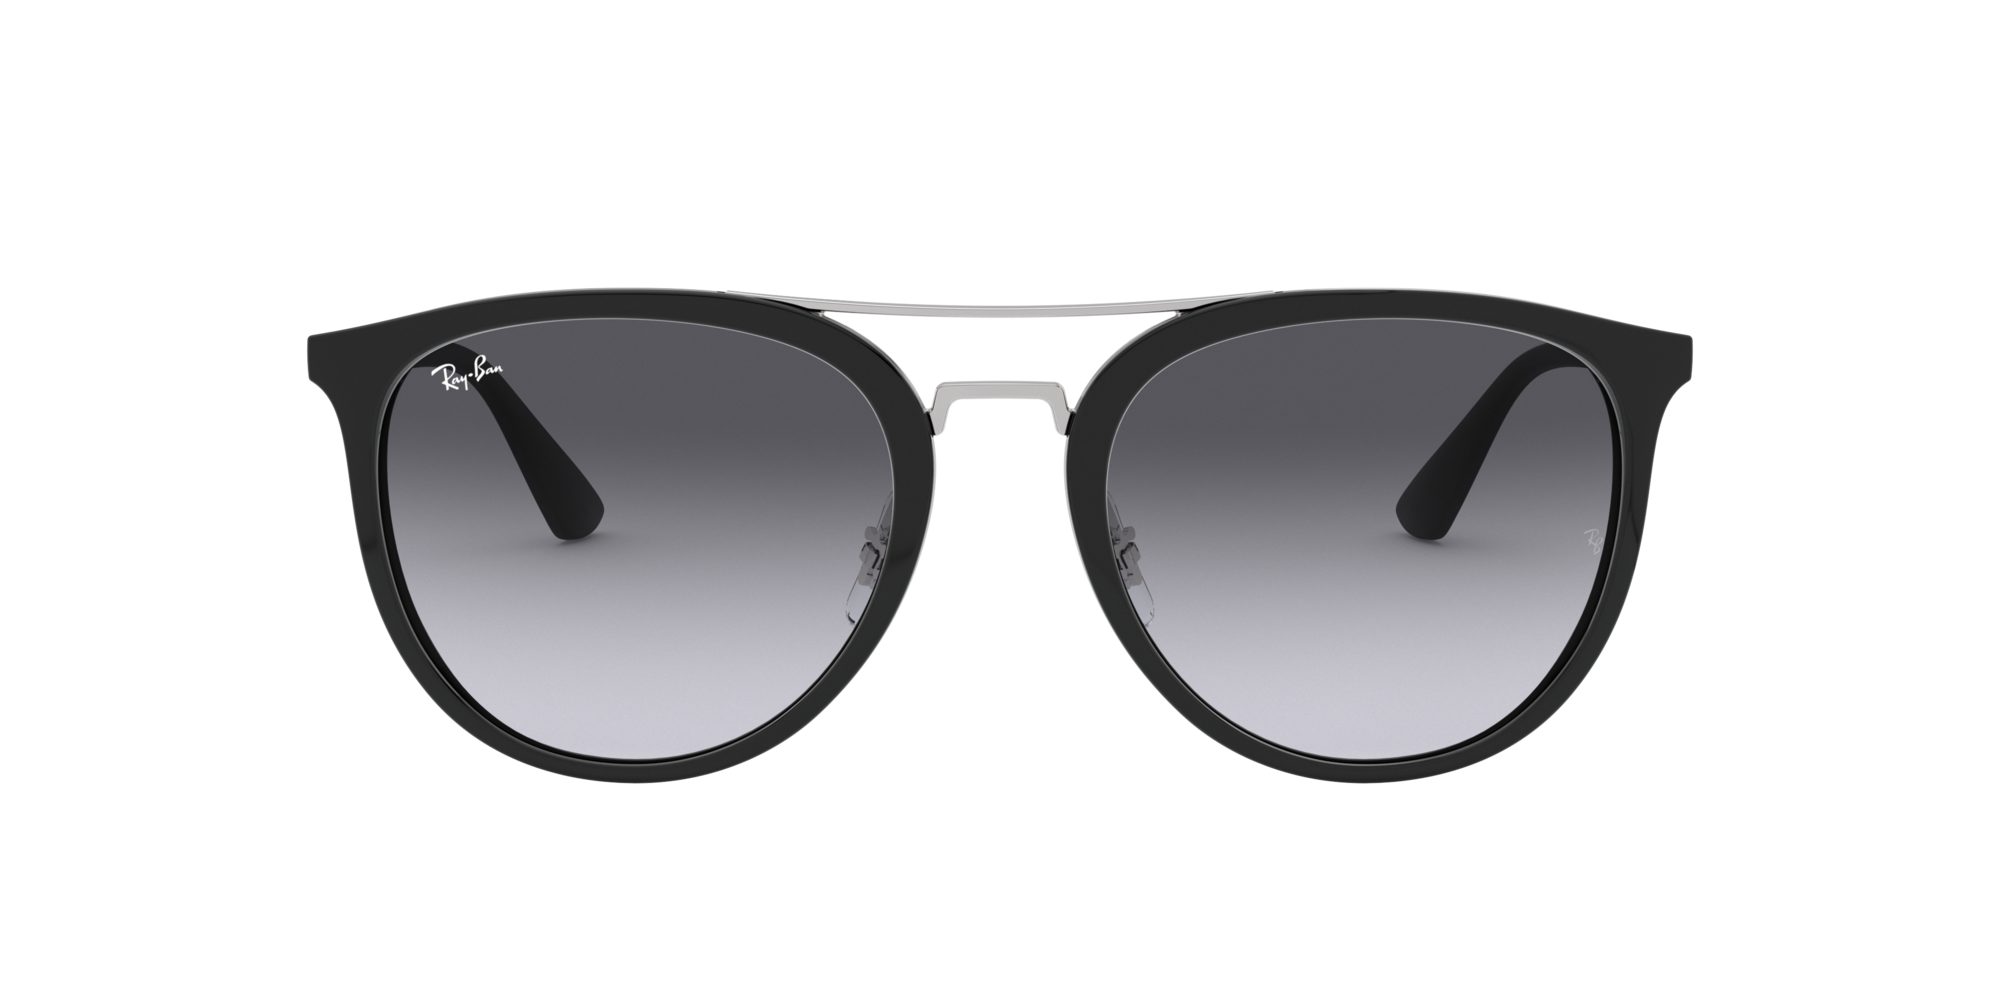 Imagen para RB4285 55 de LensCrafters |  Espejuelos, espejuelos graduados en línea, gafas